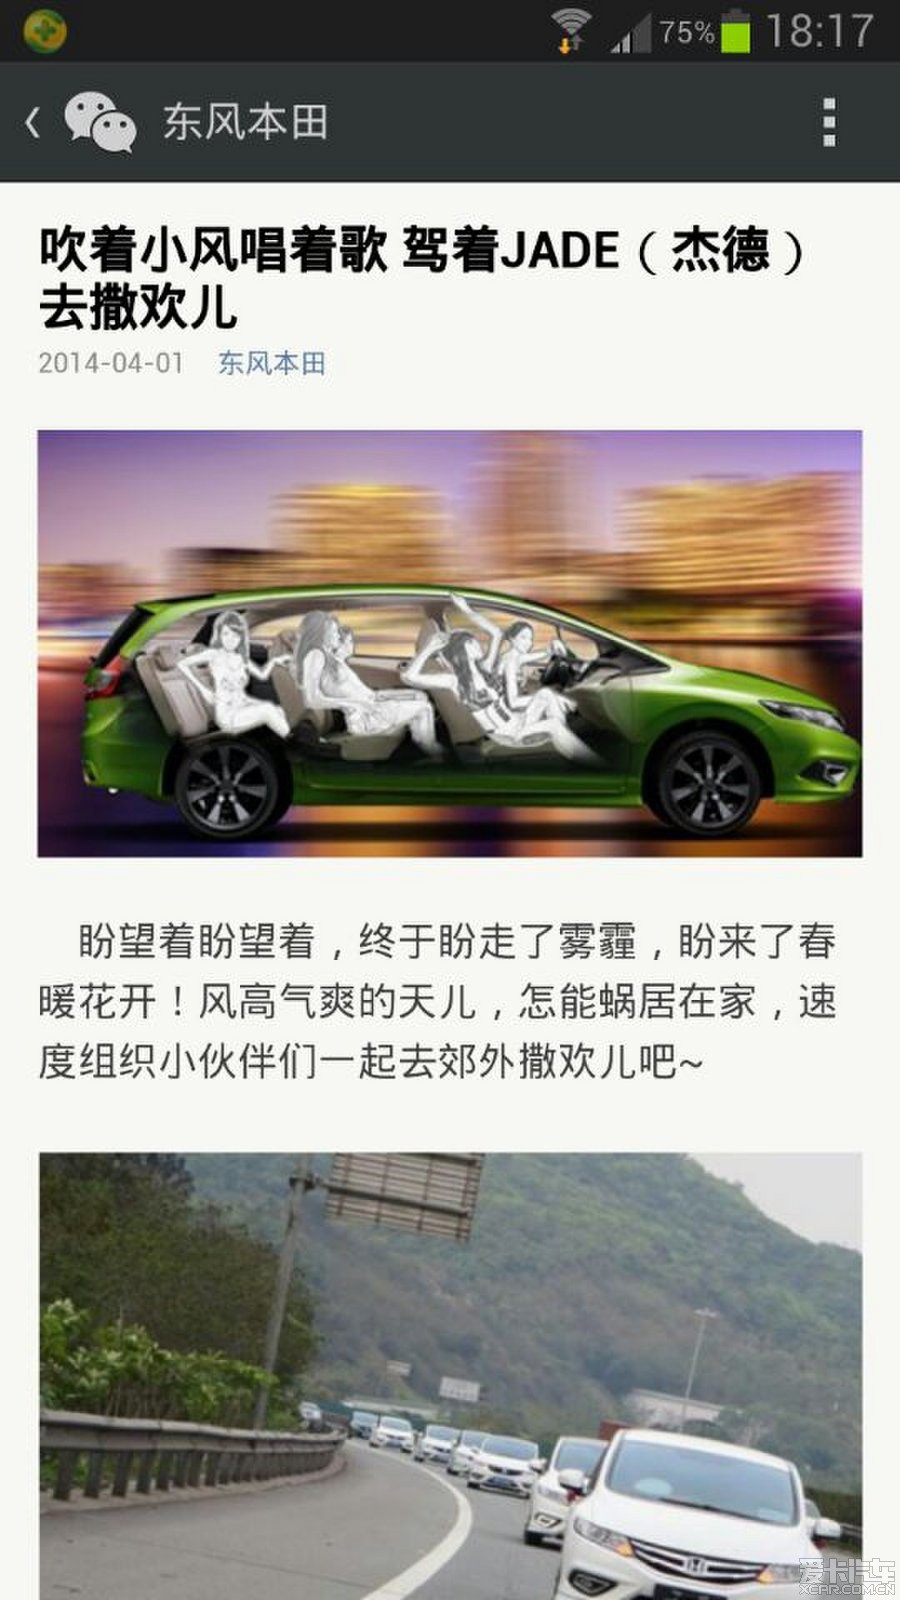 东风本田,厂家的车友!竟然用深圳杰德广告的嘉好路1333号七宝路图片